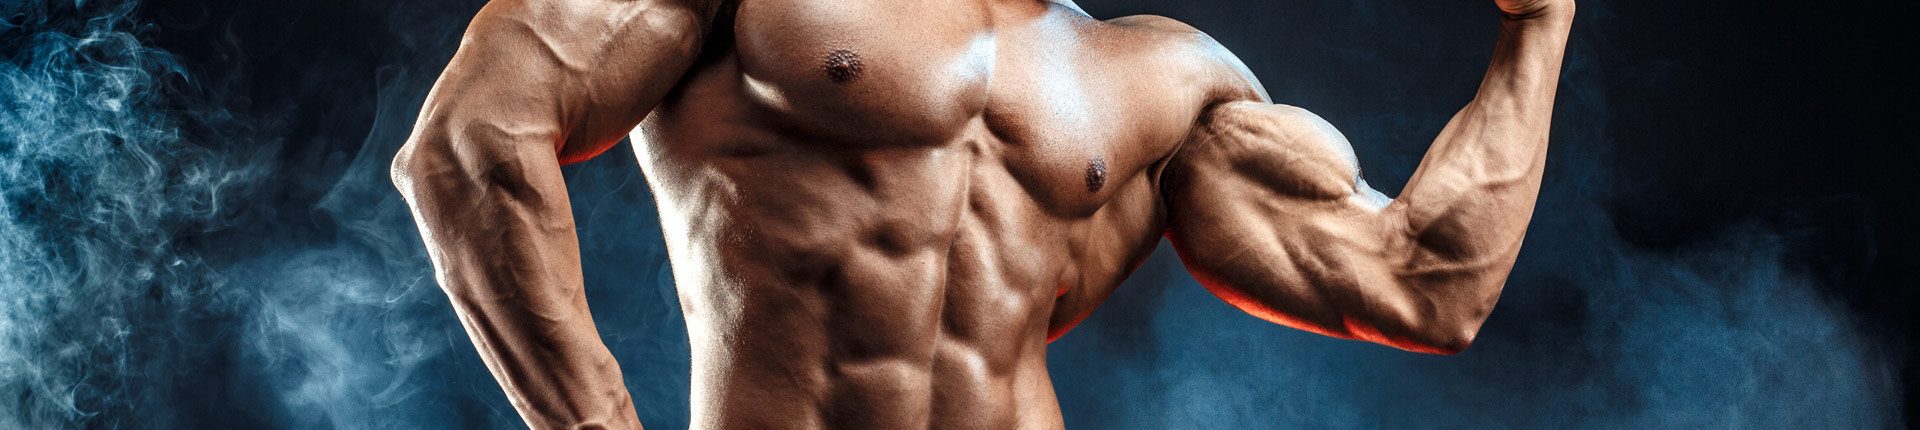 Ćwiczenia na biceps - Trening mięśnia dwugłowego ramienia w domu